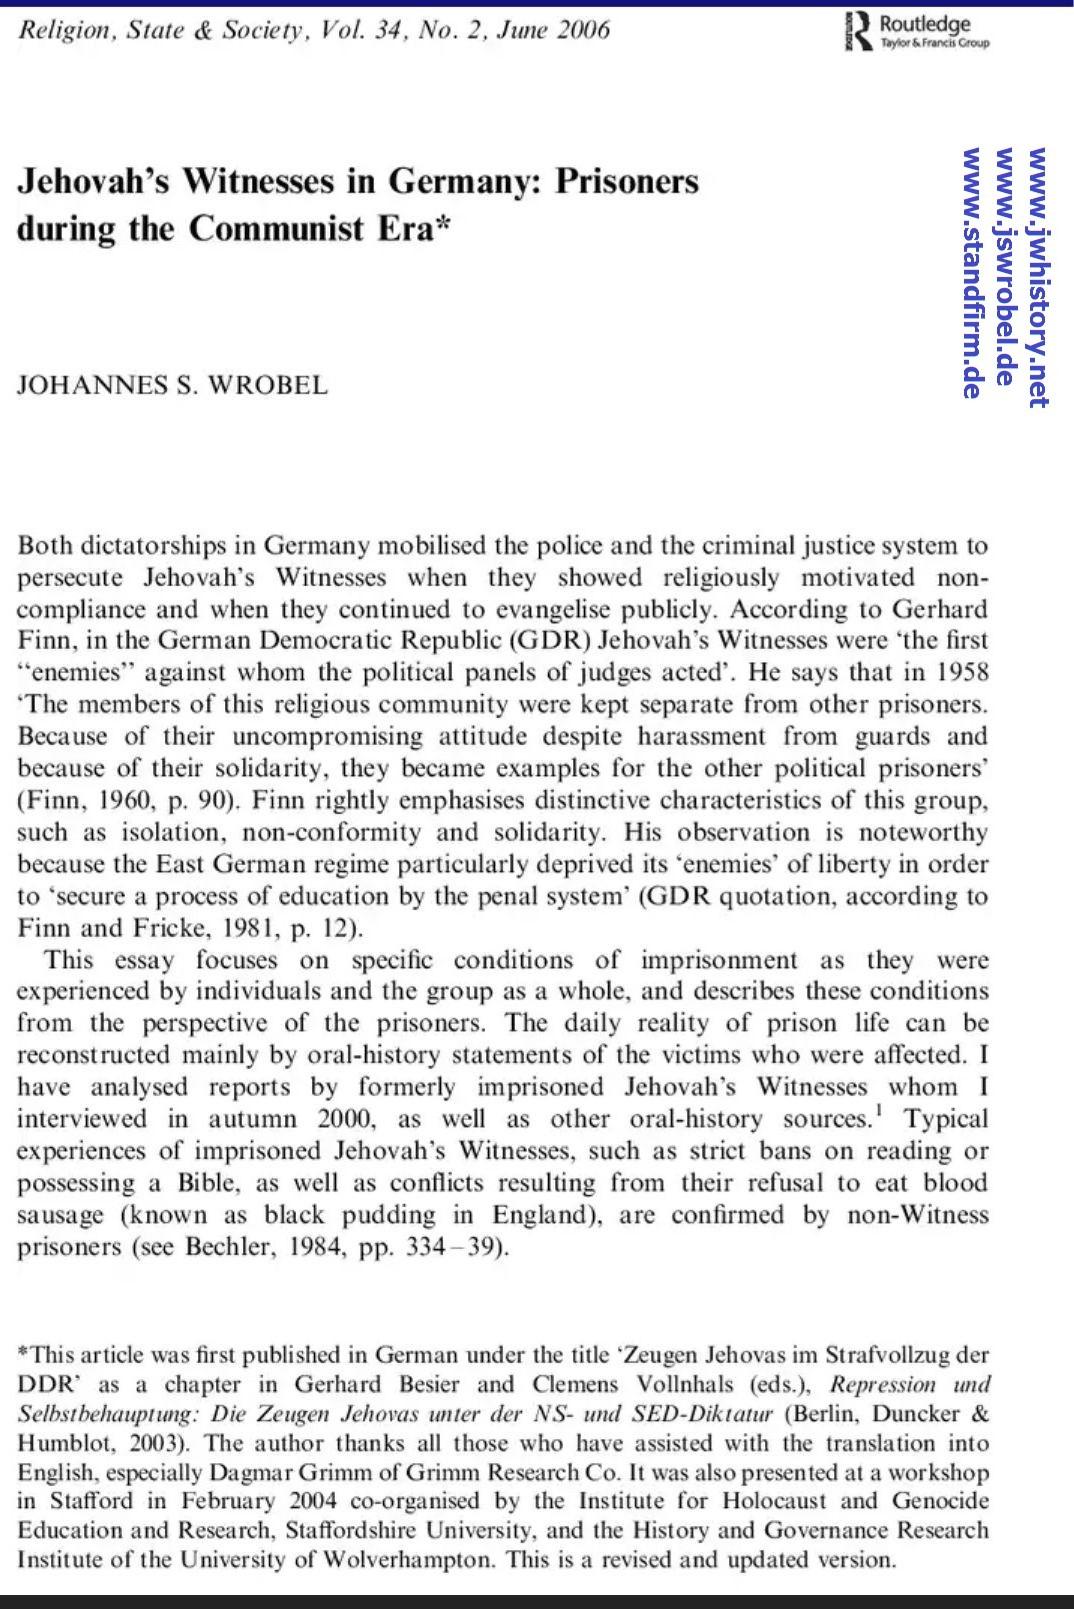 Mein Fachartikel in Englisch (DDR-Strafvollzug).